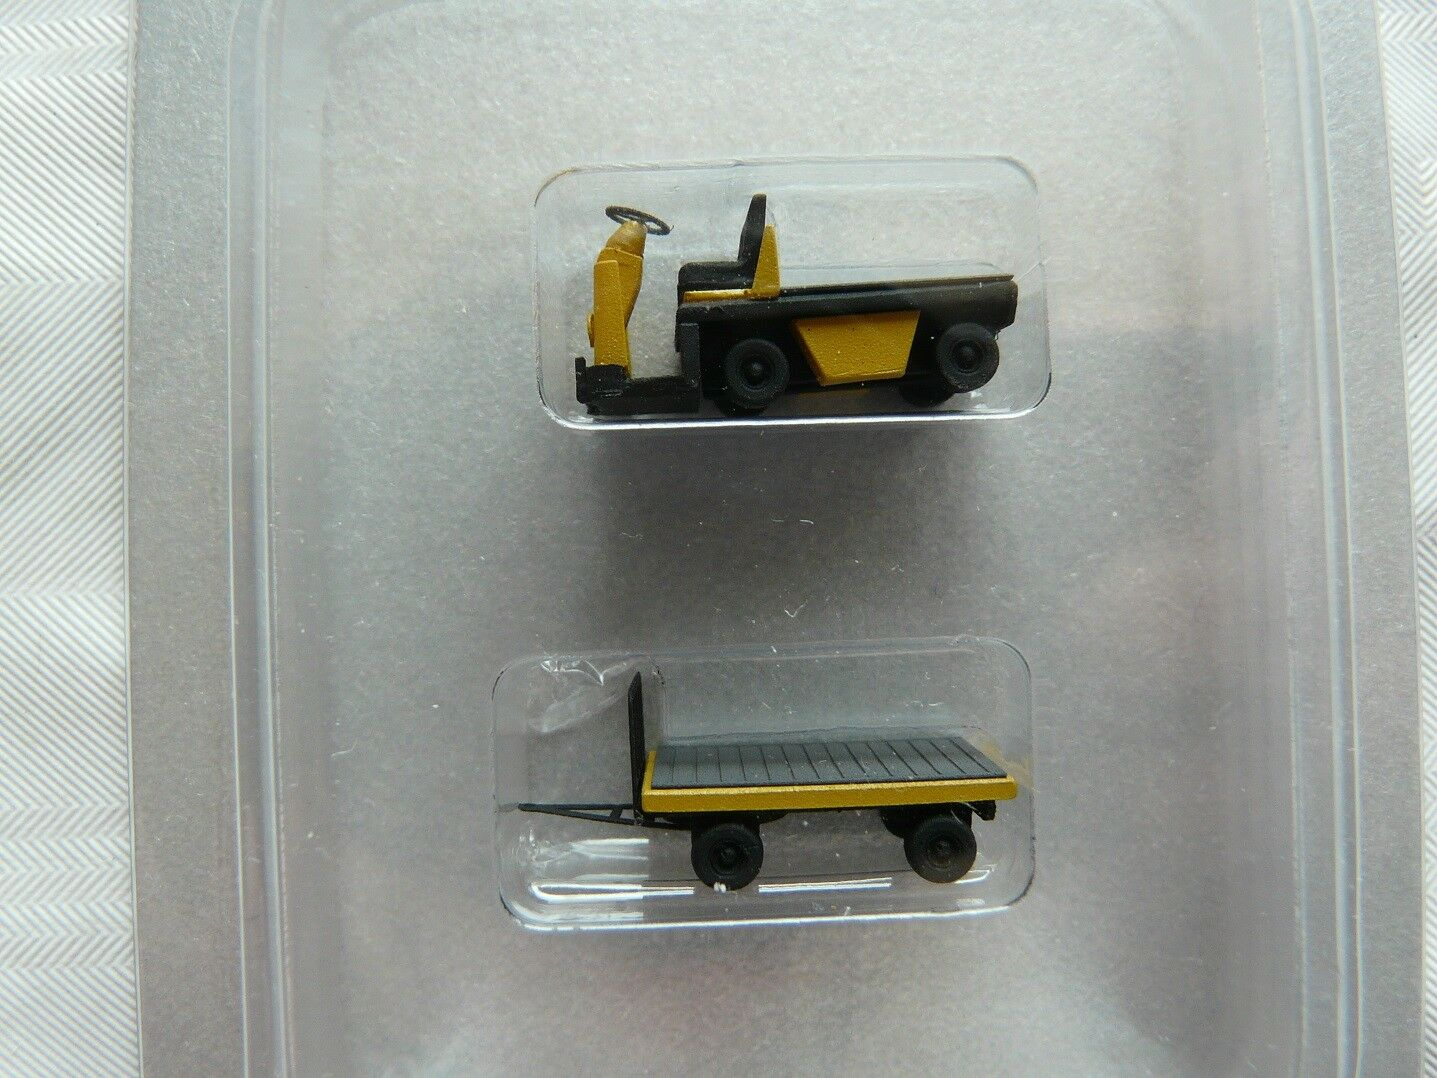 Miniatur MT07 Spur TT Fertigmodell Set Bahnsteigkarren + Anhänger yellow Pritsche